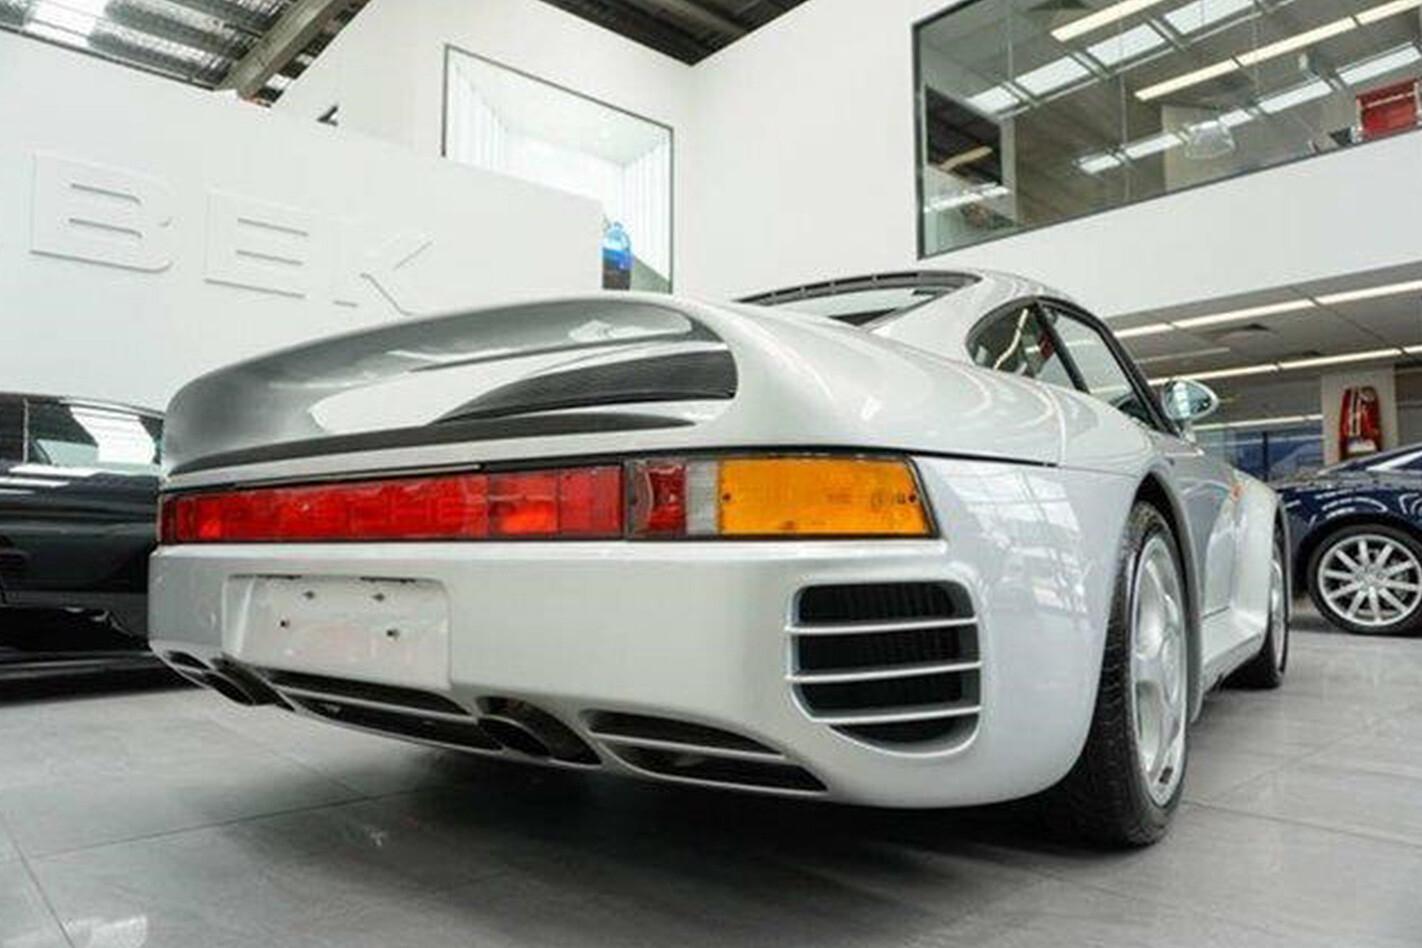 1988 Porsche 959 rear